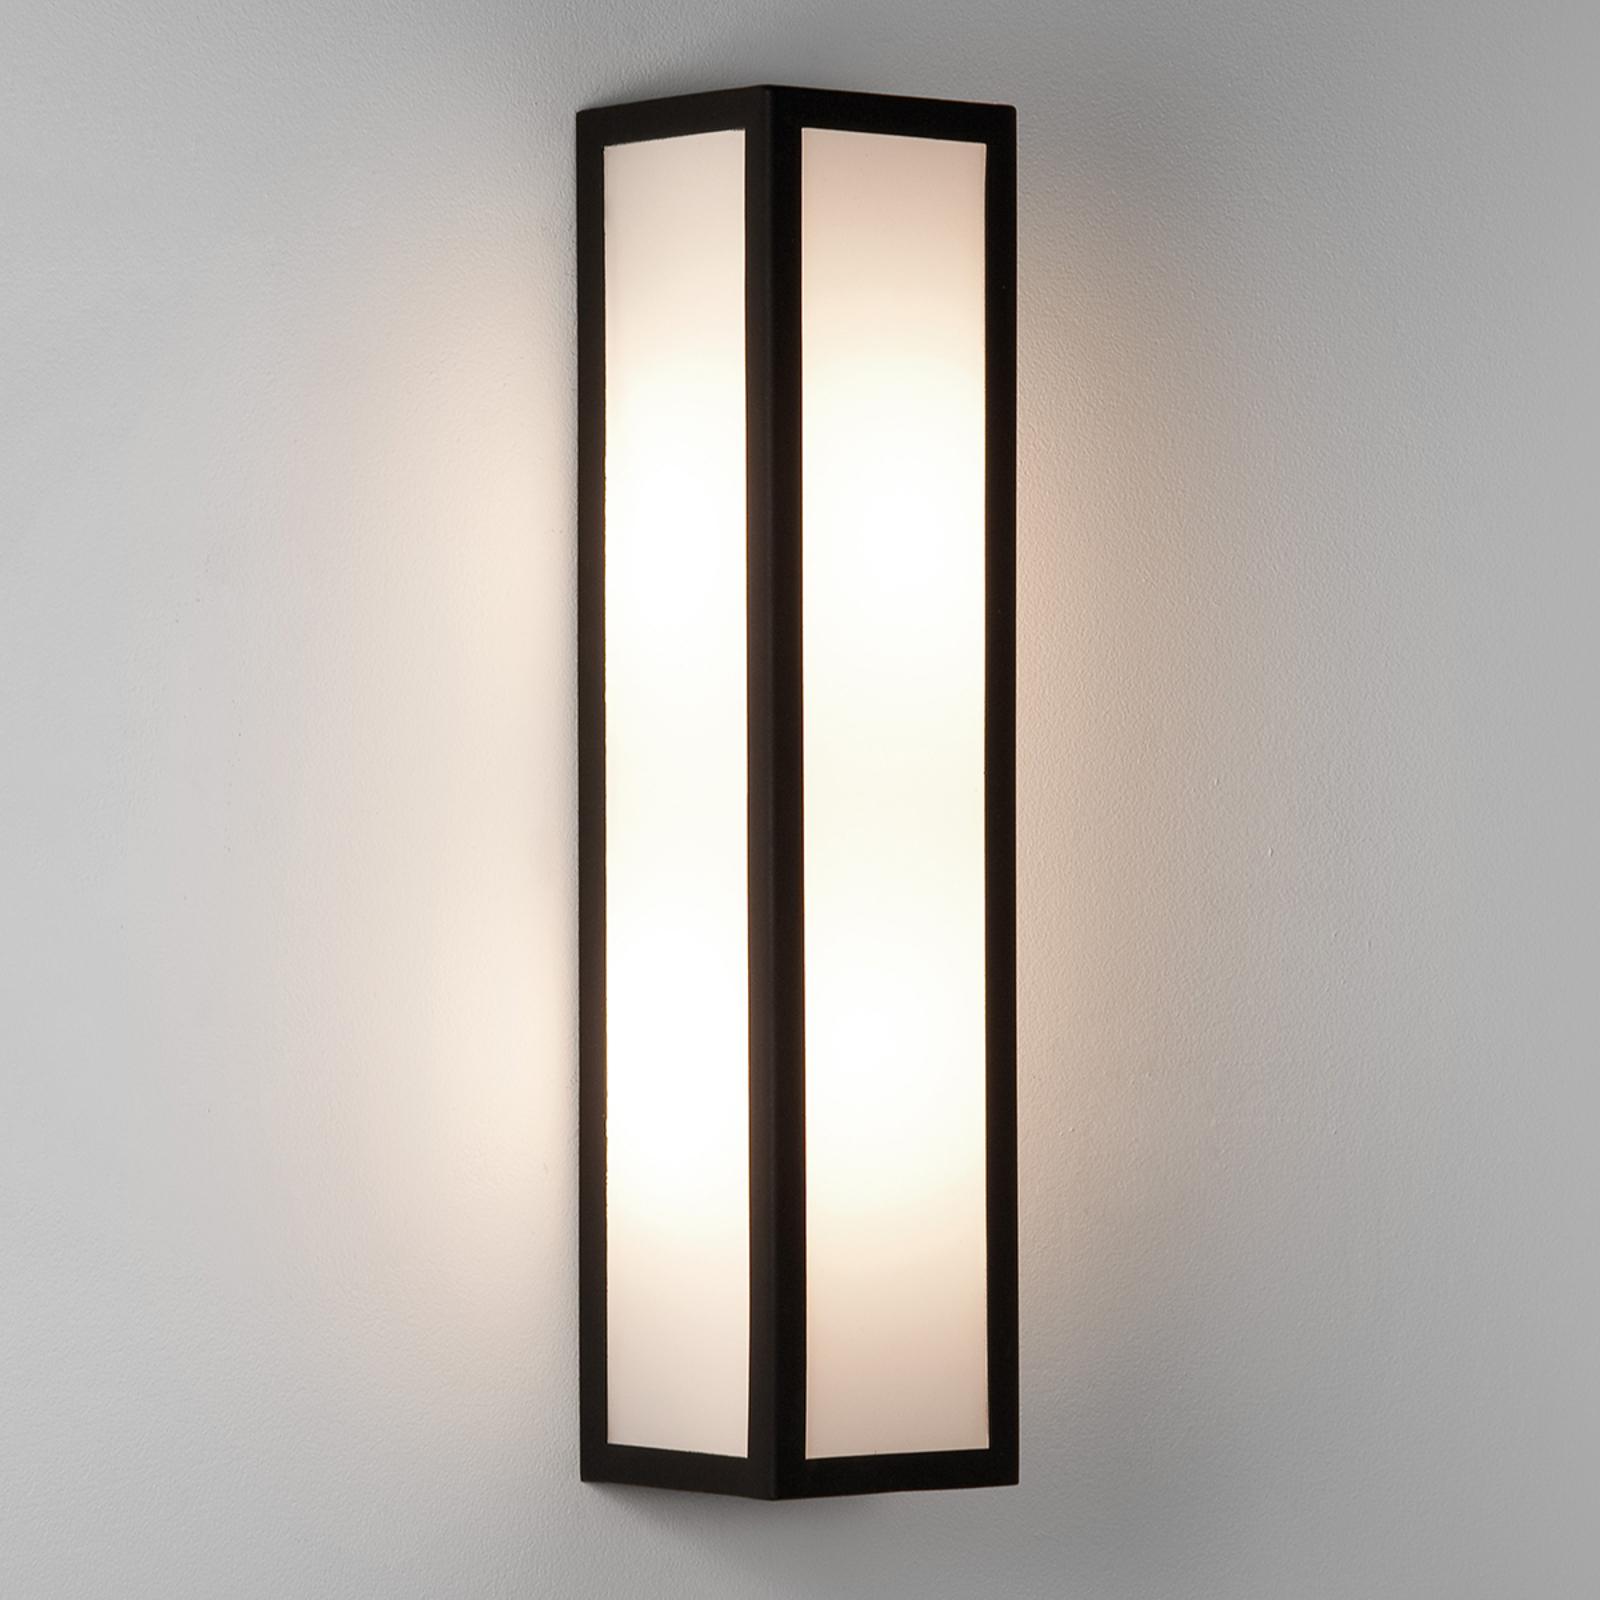 Astro Salerno Außenwandlampe 35 cm, schwarz